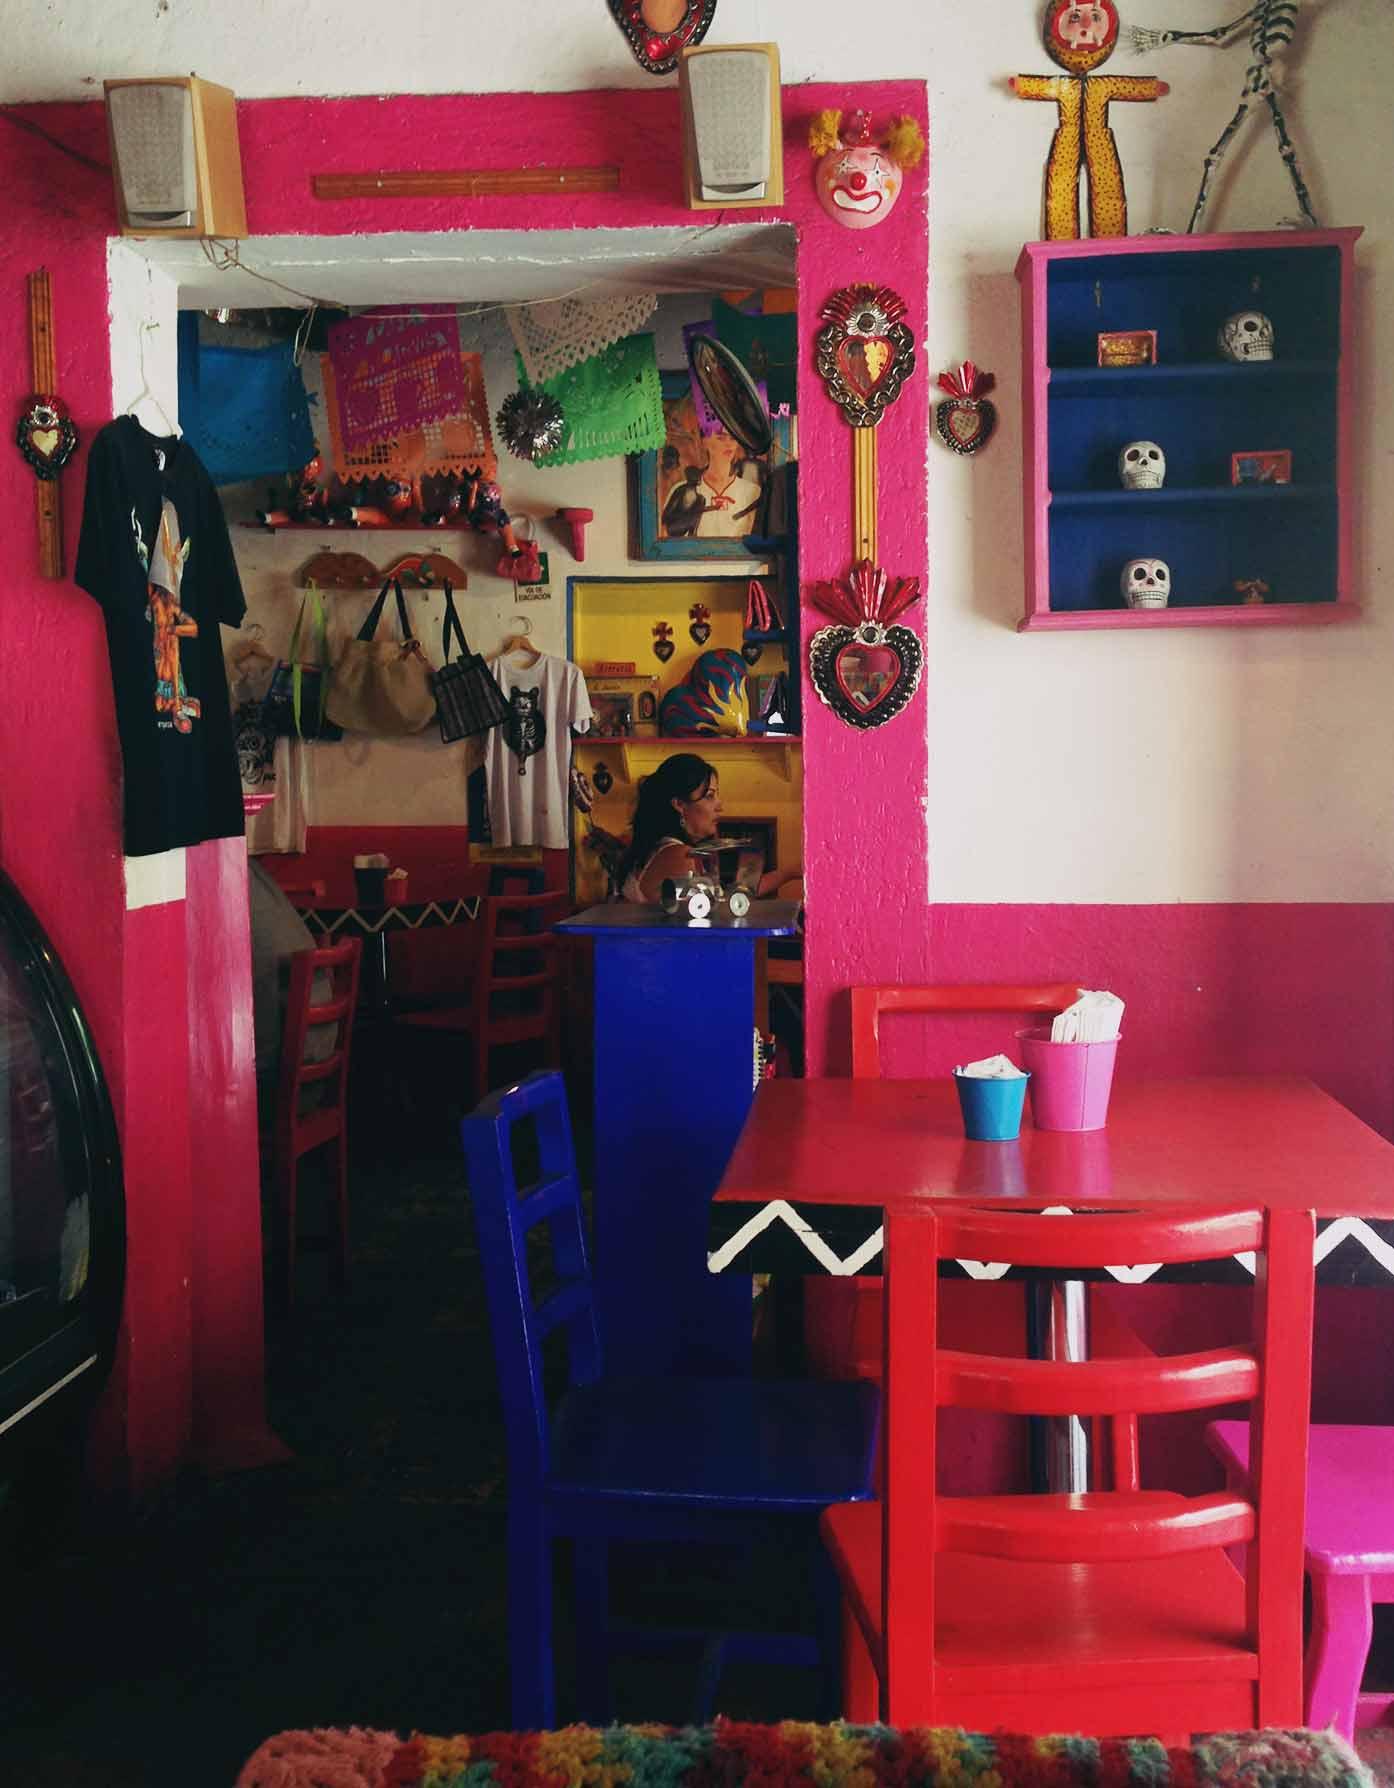 puebla mexico restaurant